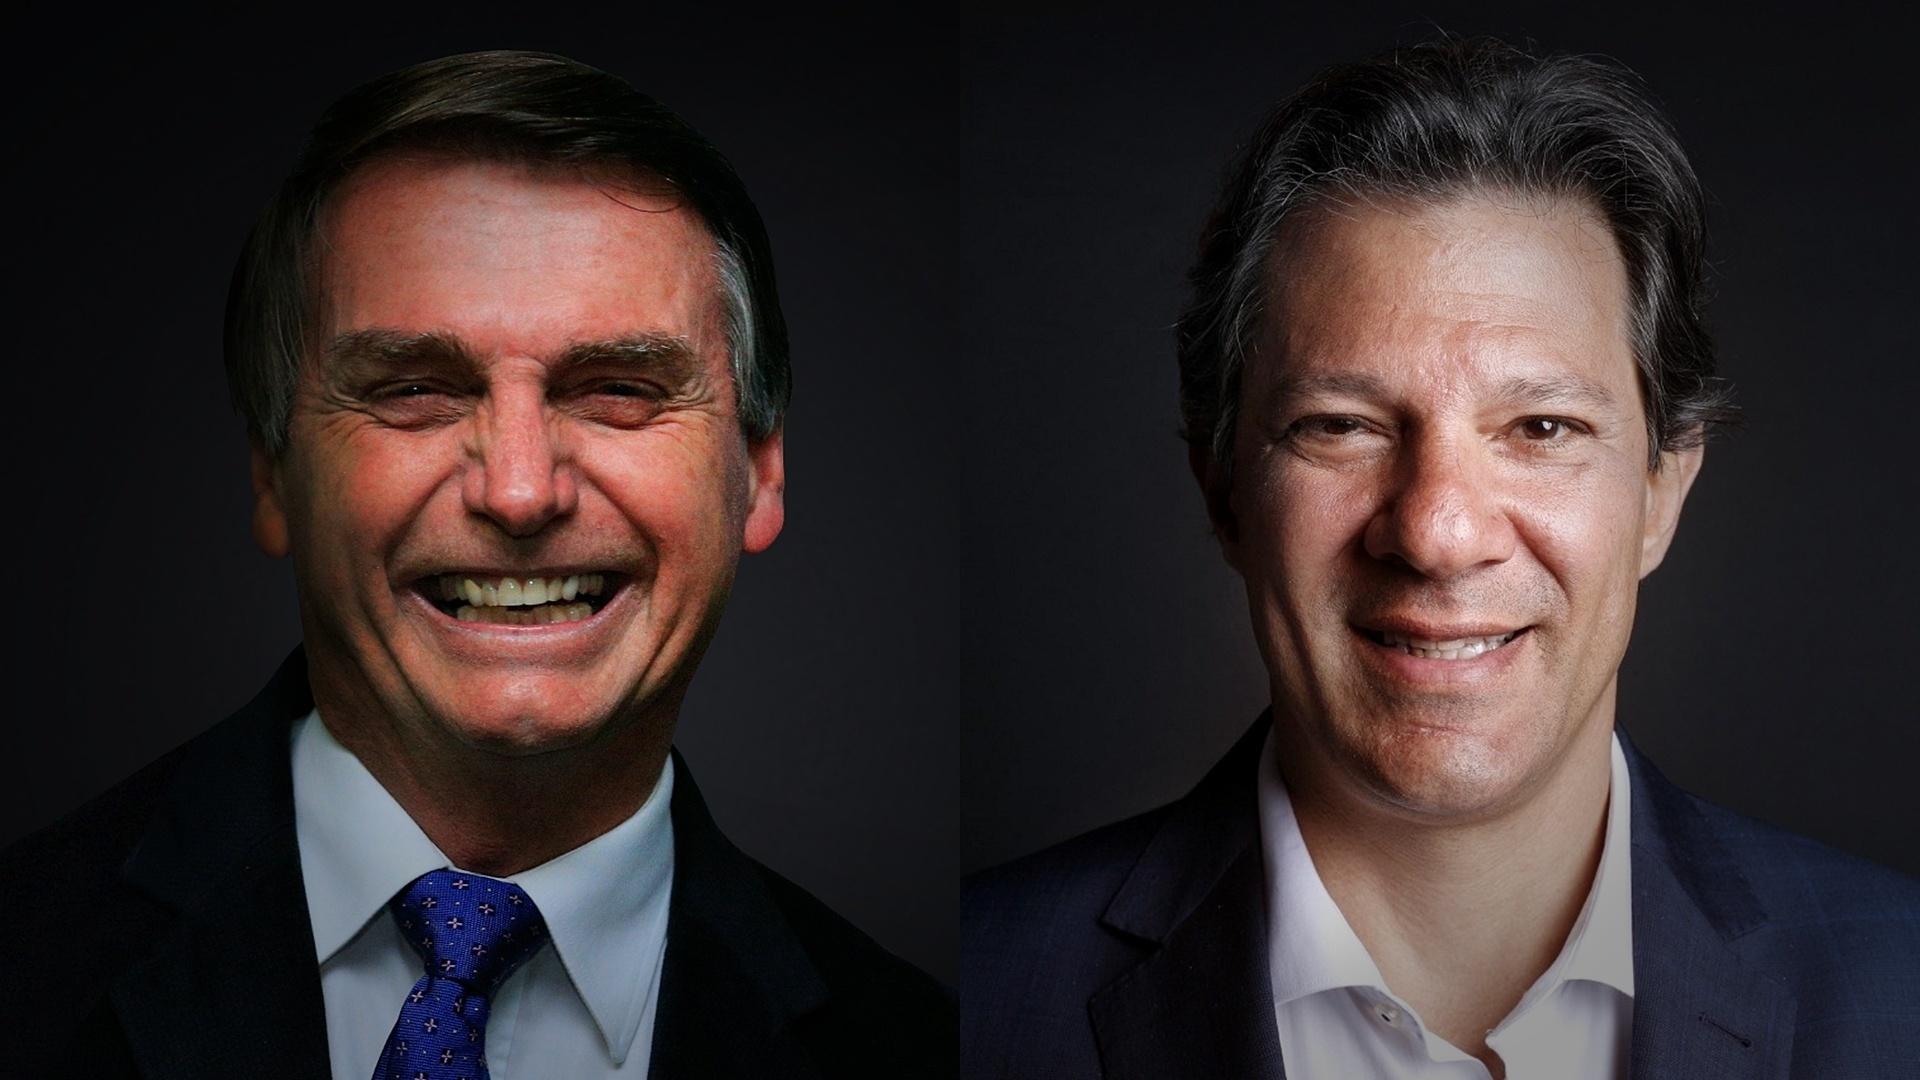 Datafolha: Bolsonaro chega a 35% e abre 13 pontos de vantagem para Haddad